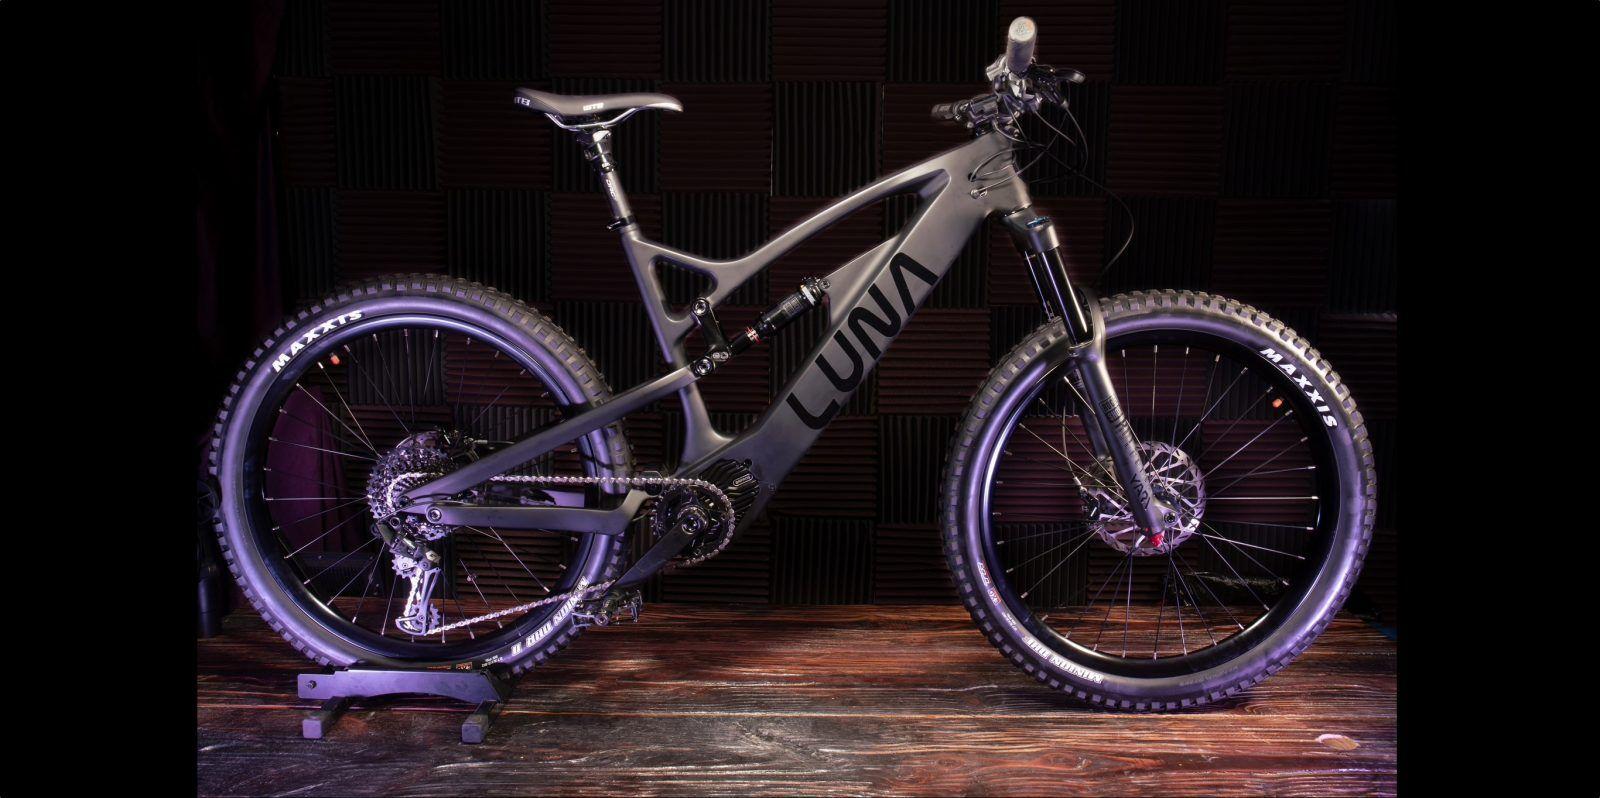 Luna S New Ludicruous Mode 2 000 W Enduro E Bike Has Shockingly